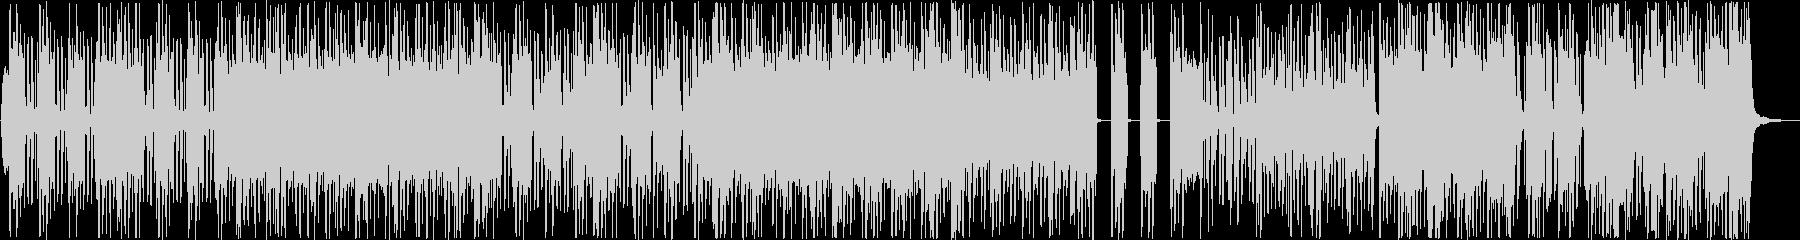 ミクスチャーロック系インストゥルメンタルの未再生の波形